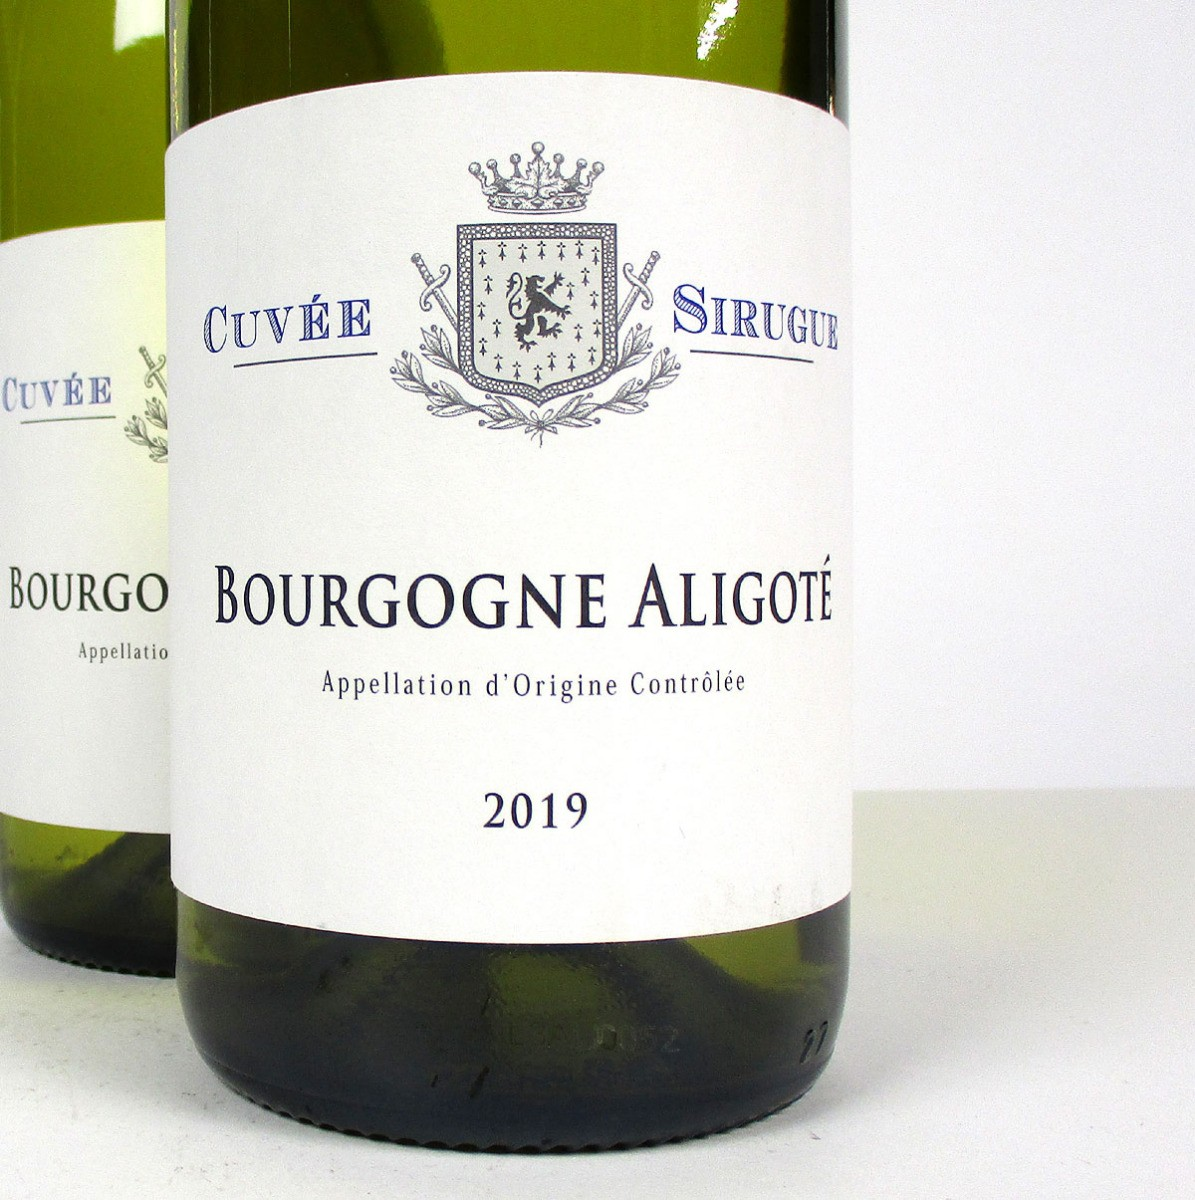 Bourgogne Aligoté: 'Cuvée Sirugue' 2019